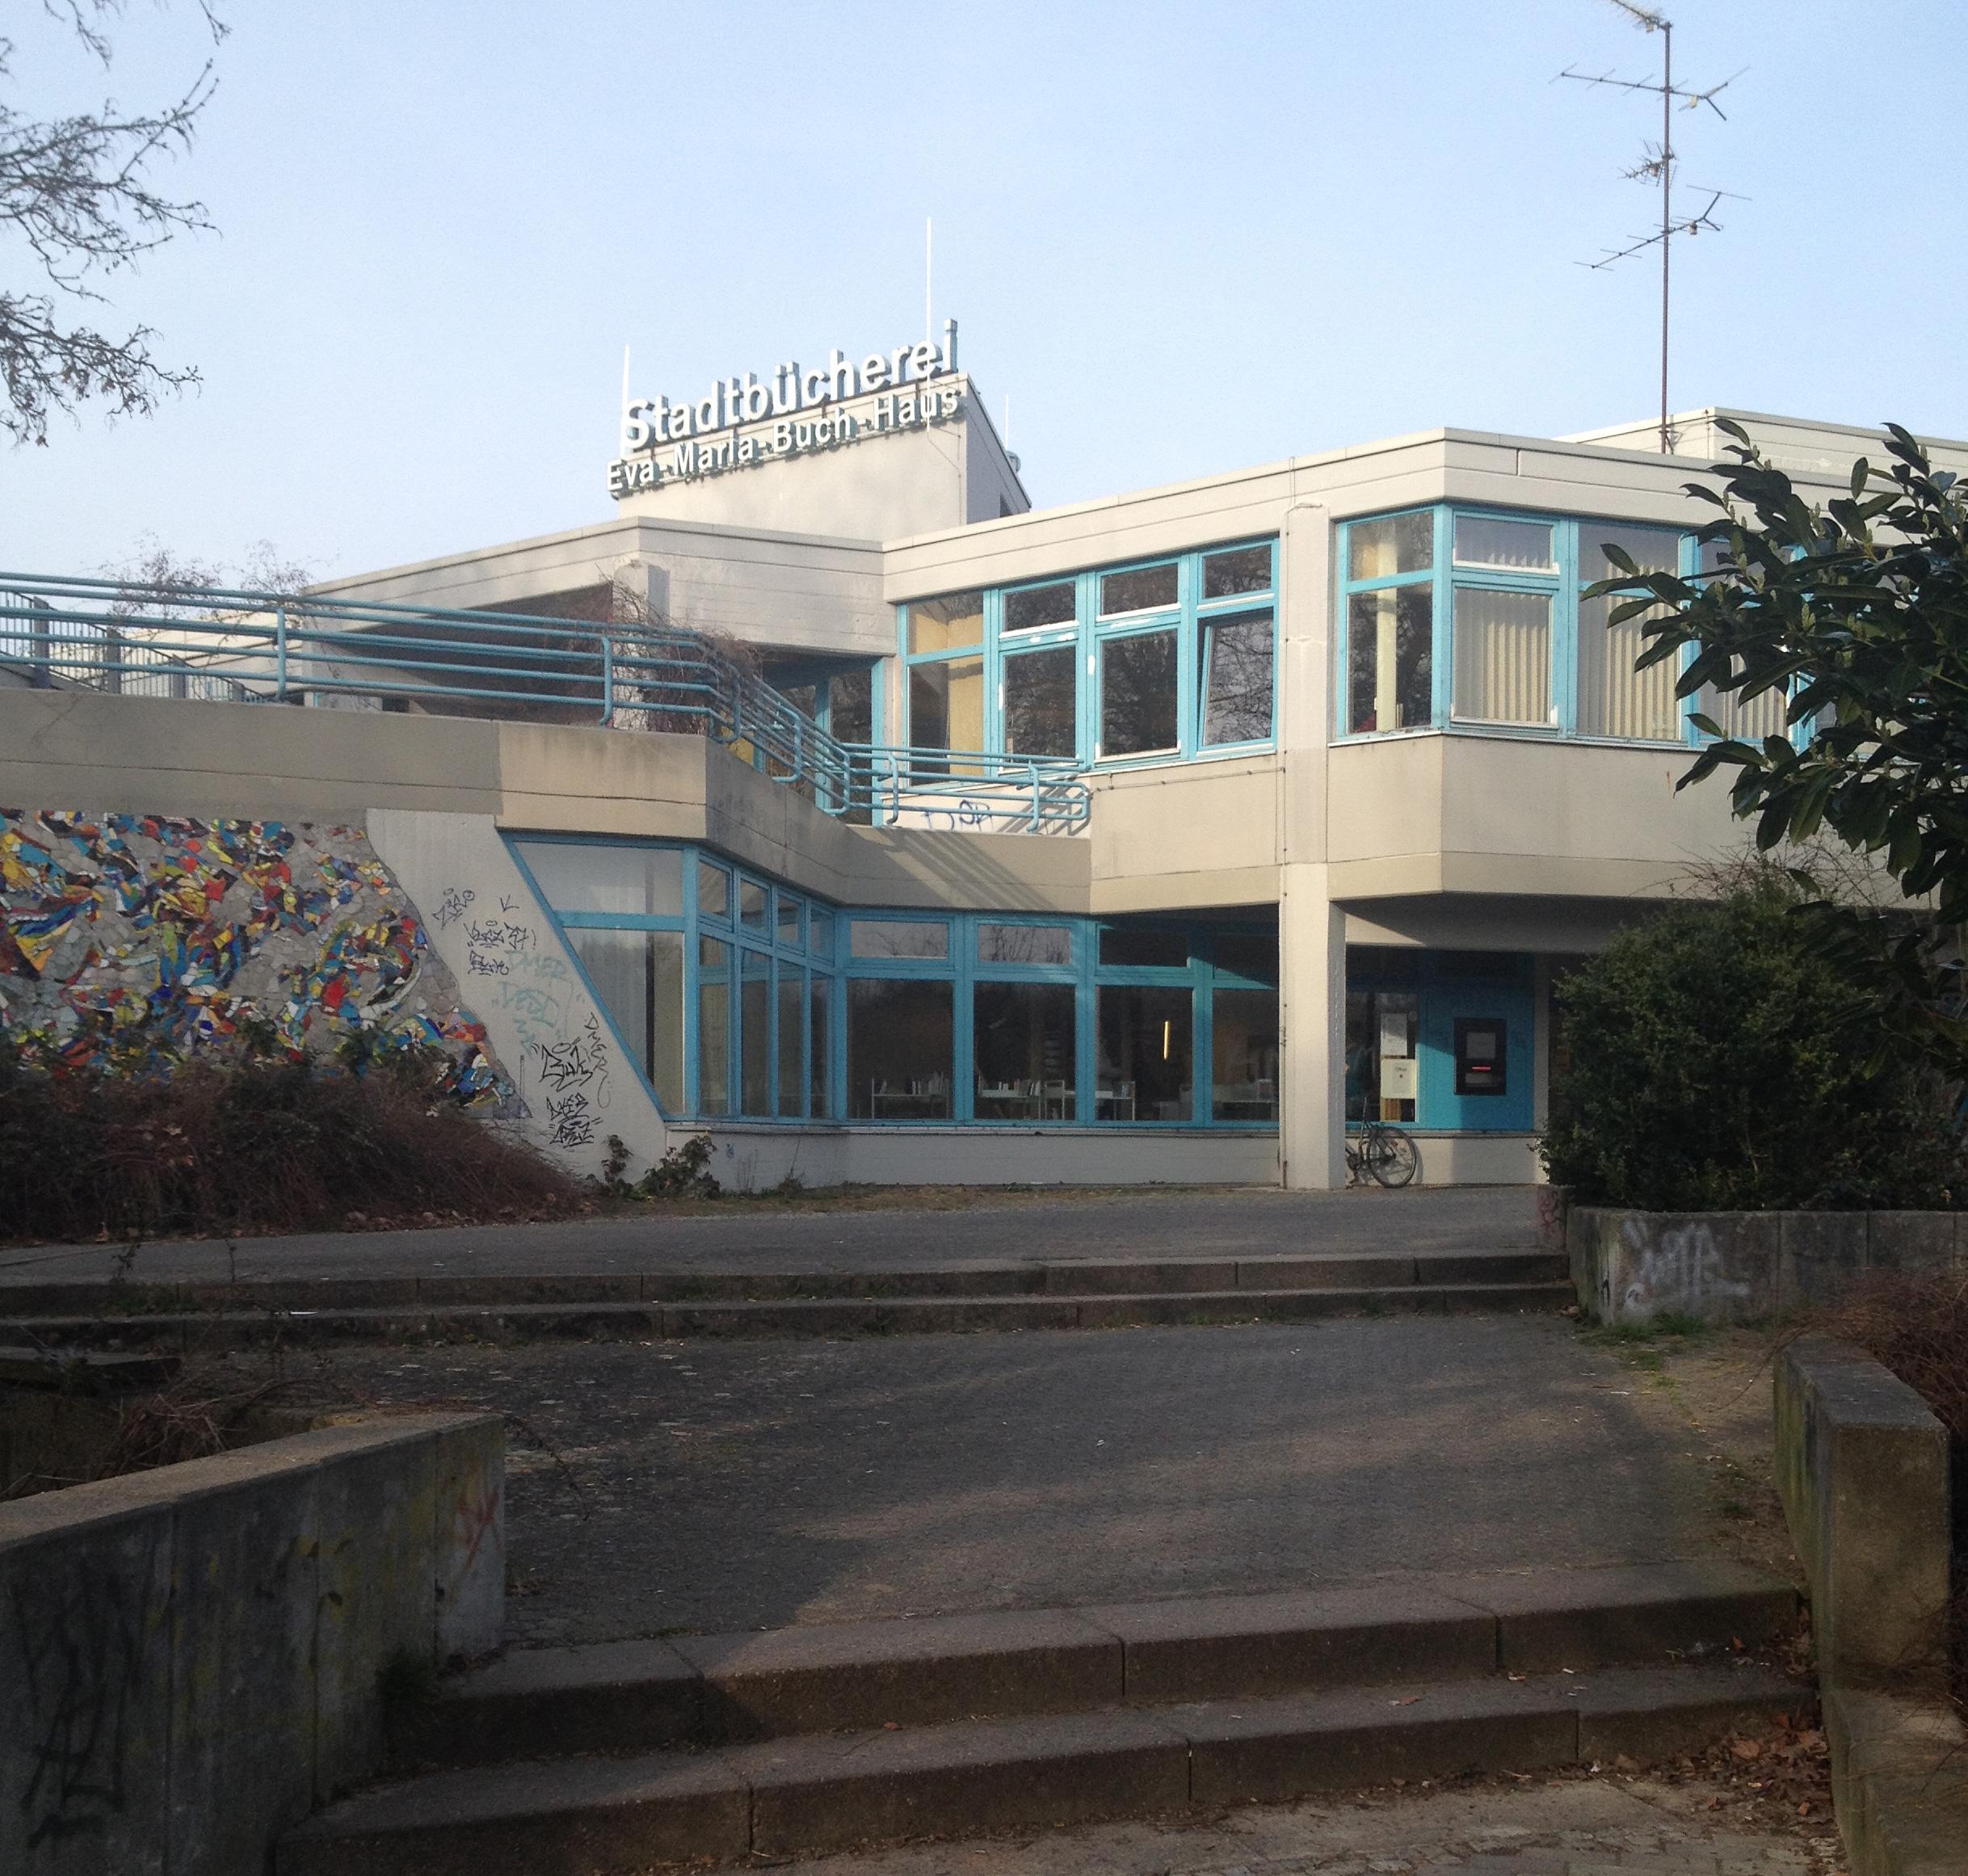 Neue Mitte in Alt-Tempelhof - Senat plant Götzstraßenquartier. Dazu muss auch die Bezirksbibliothek saniert werden oder umziehen.